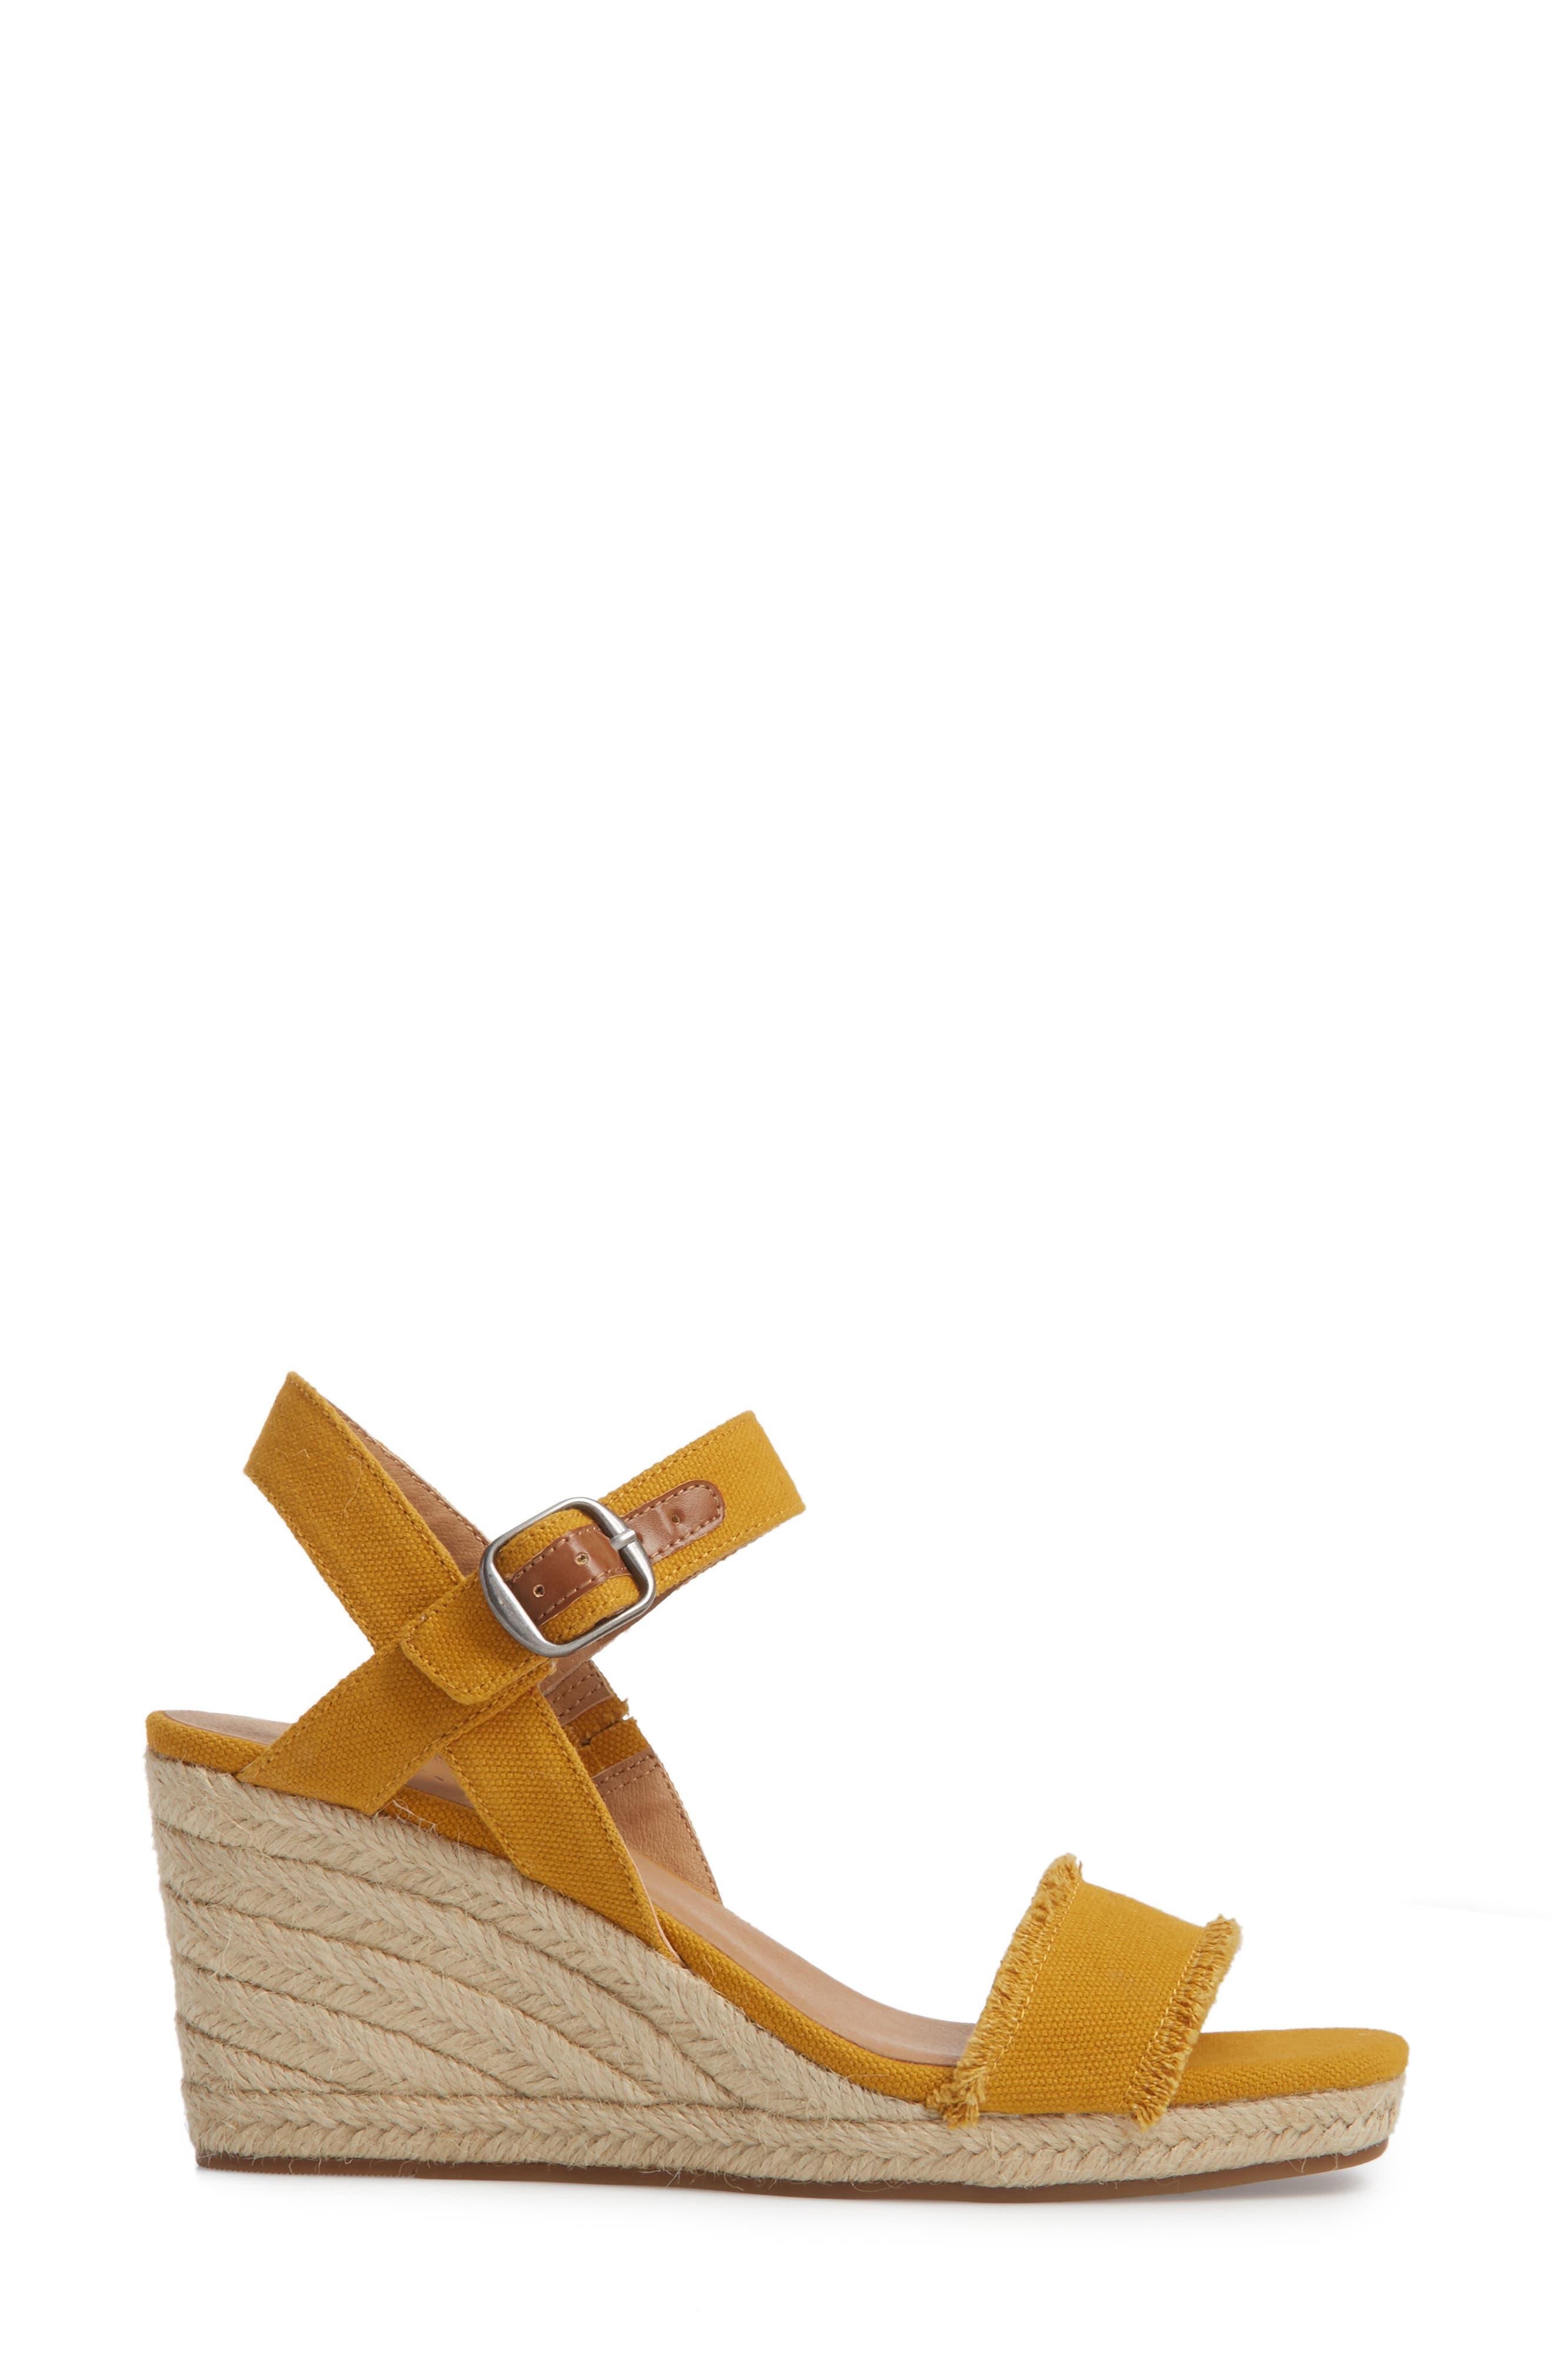 Marceline Squared Toe Wedge Sandal,                             Alternate thumbnail 20, color,